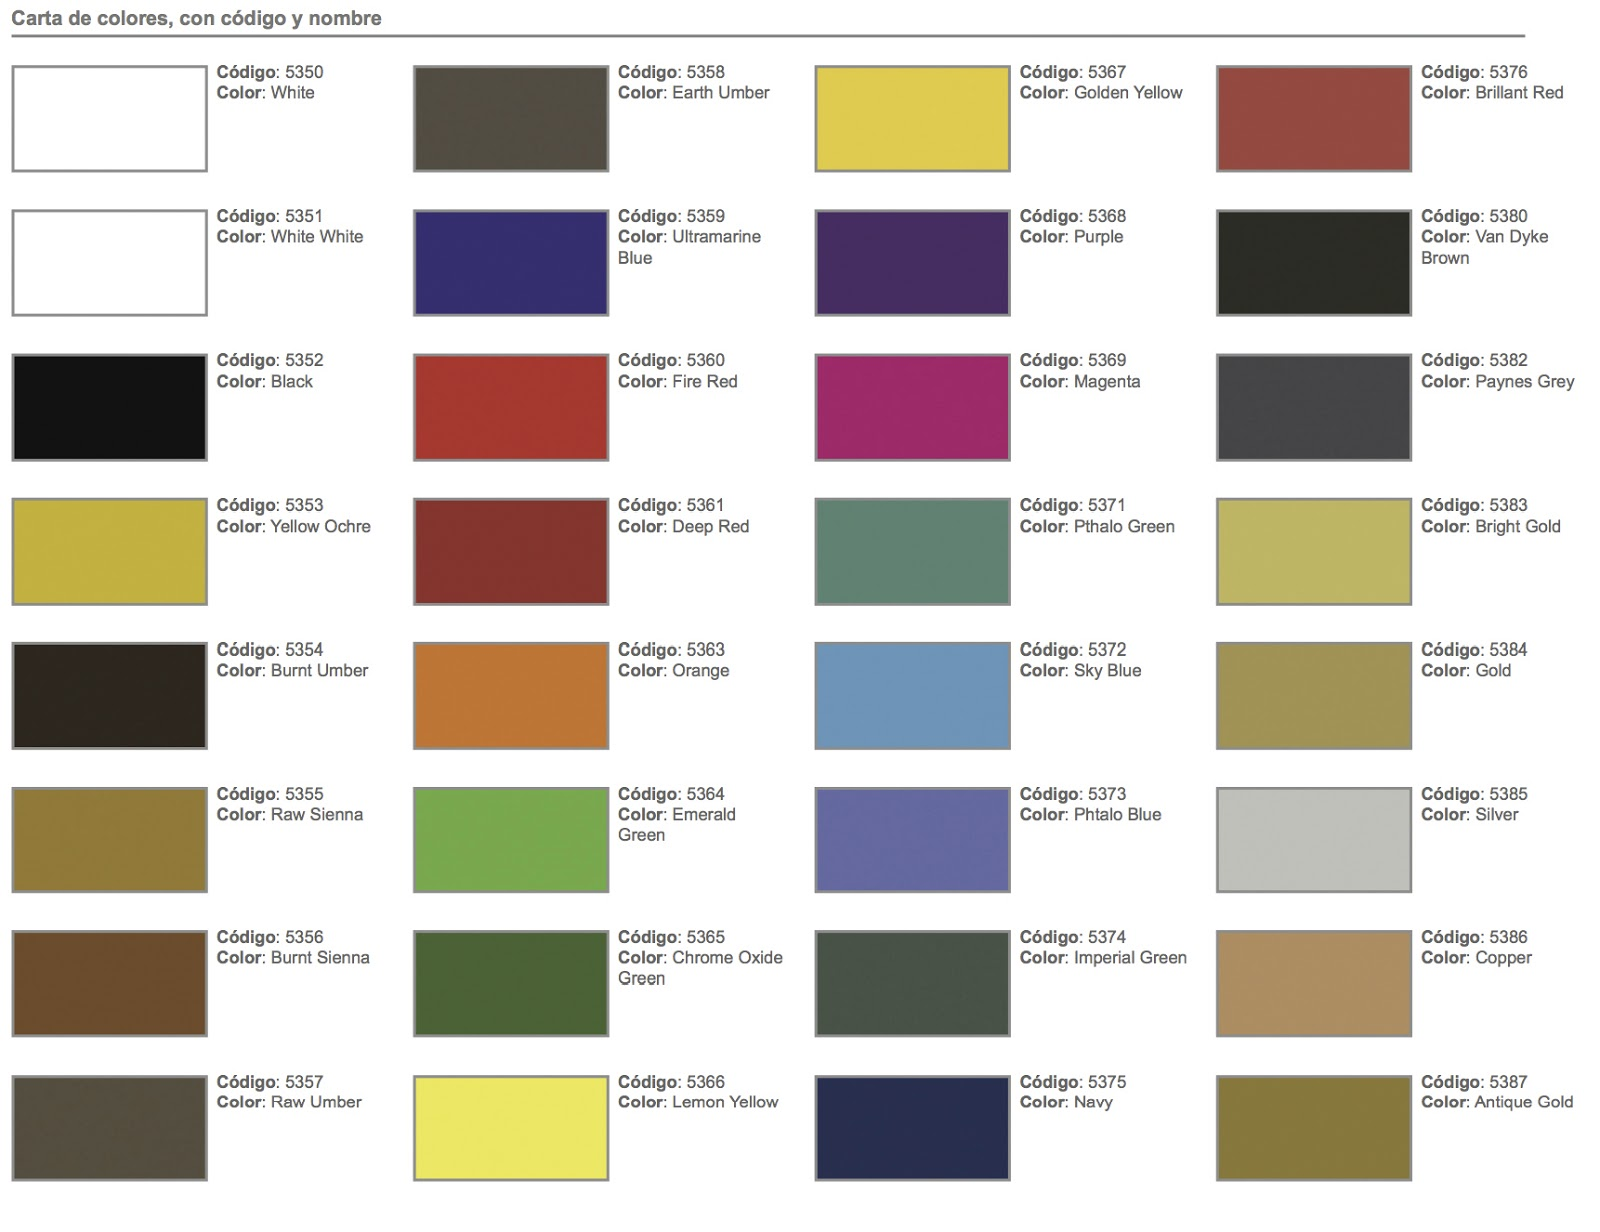 Eres Escenografo Utilizas La Pintura Adecuada Para Pintar - Carta-colores-pintura-pared